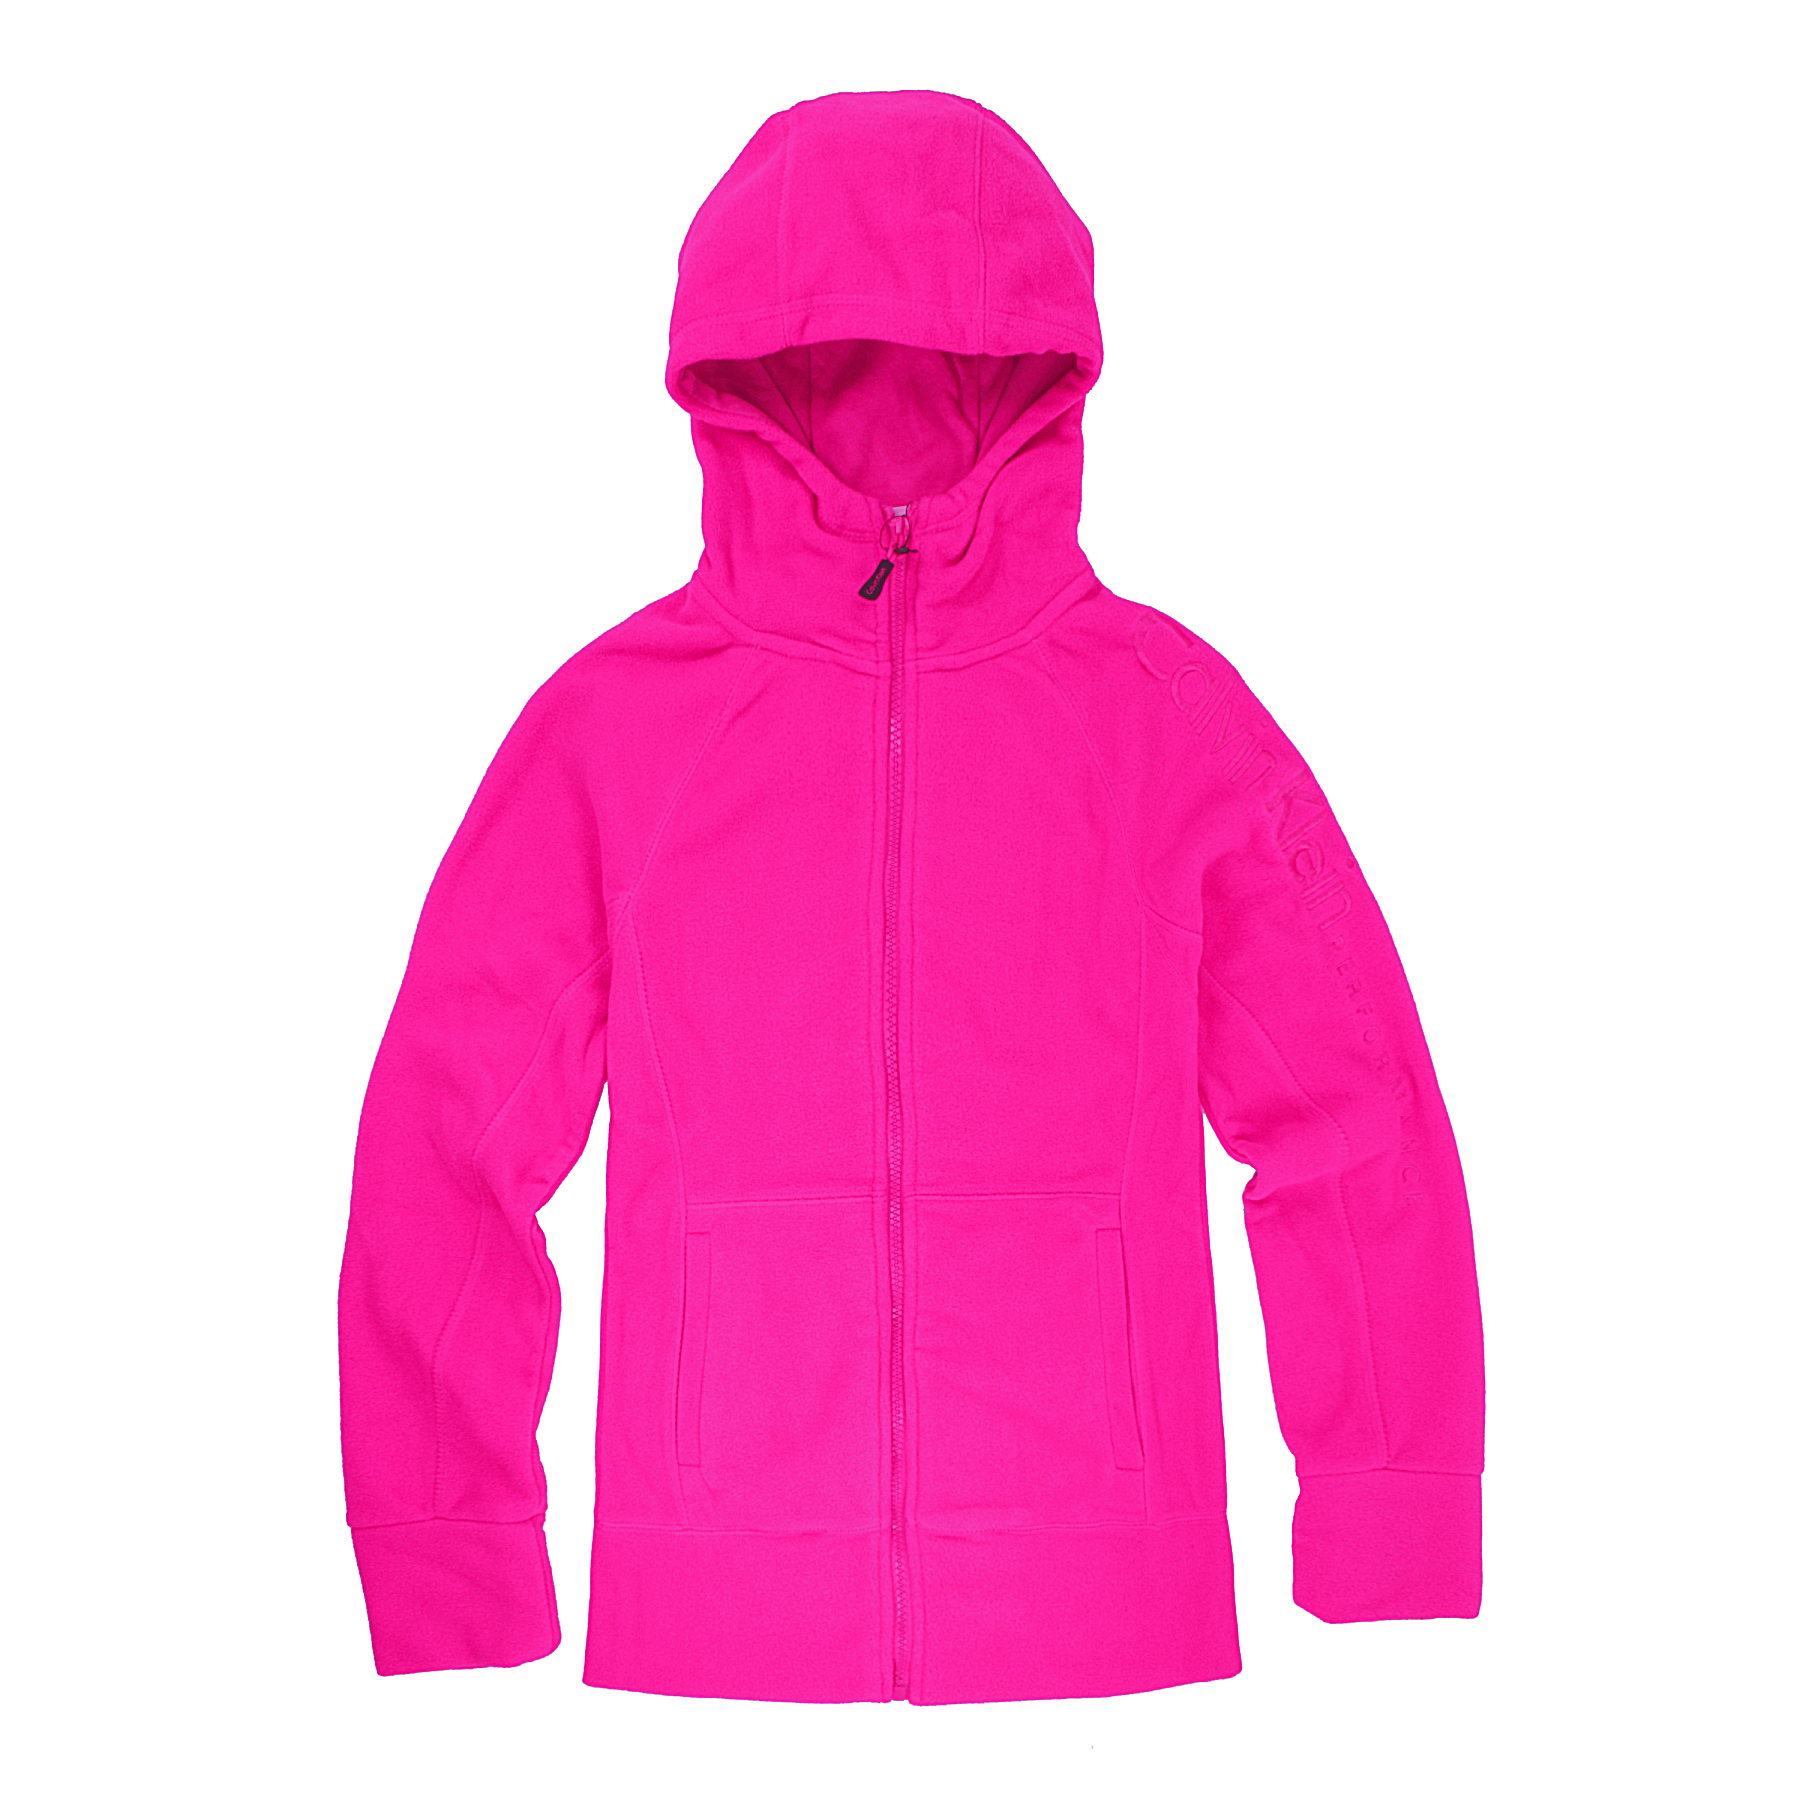 美國百分百【全新真品】Calvin Klein 外套 CK 刷毛 輕巧 快乾 保暖 羊毛 洋紅 XS S 女 B530